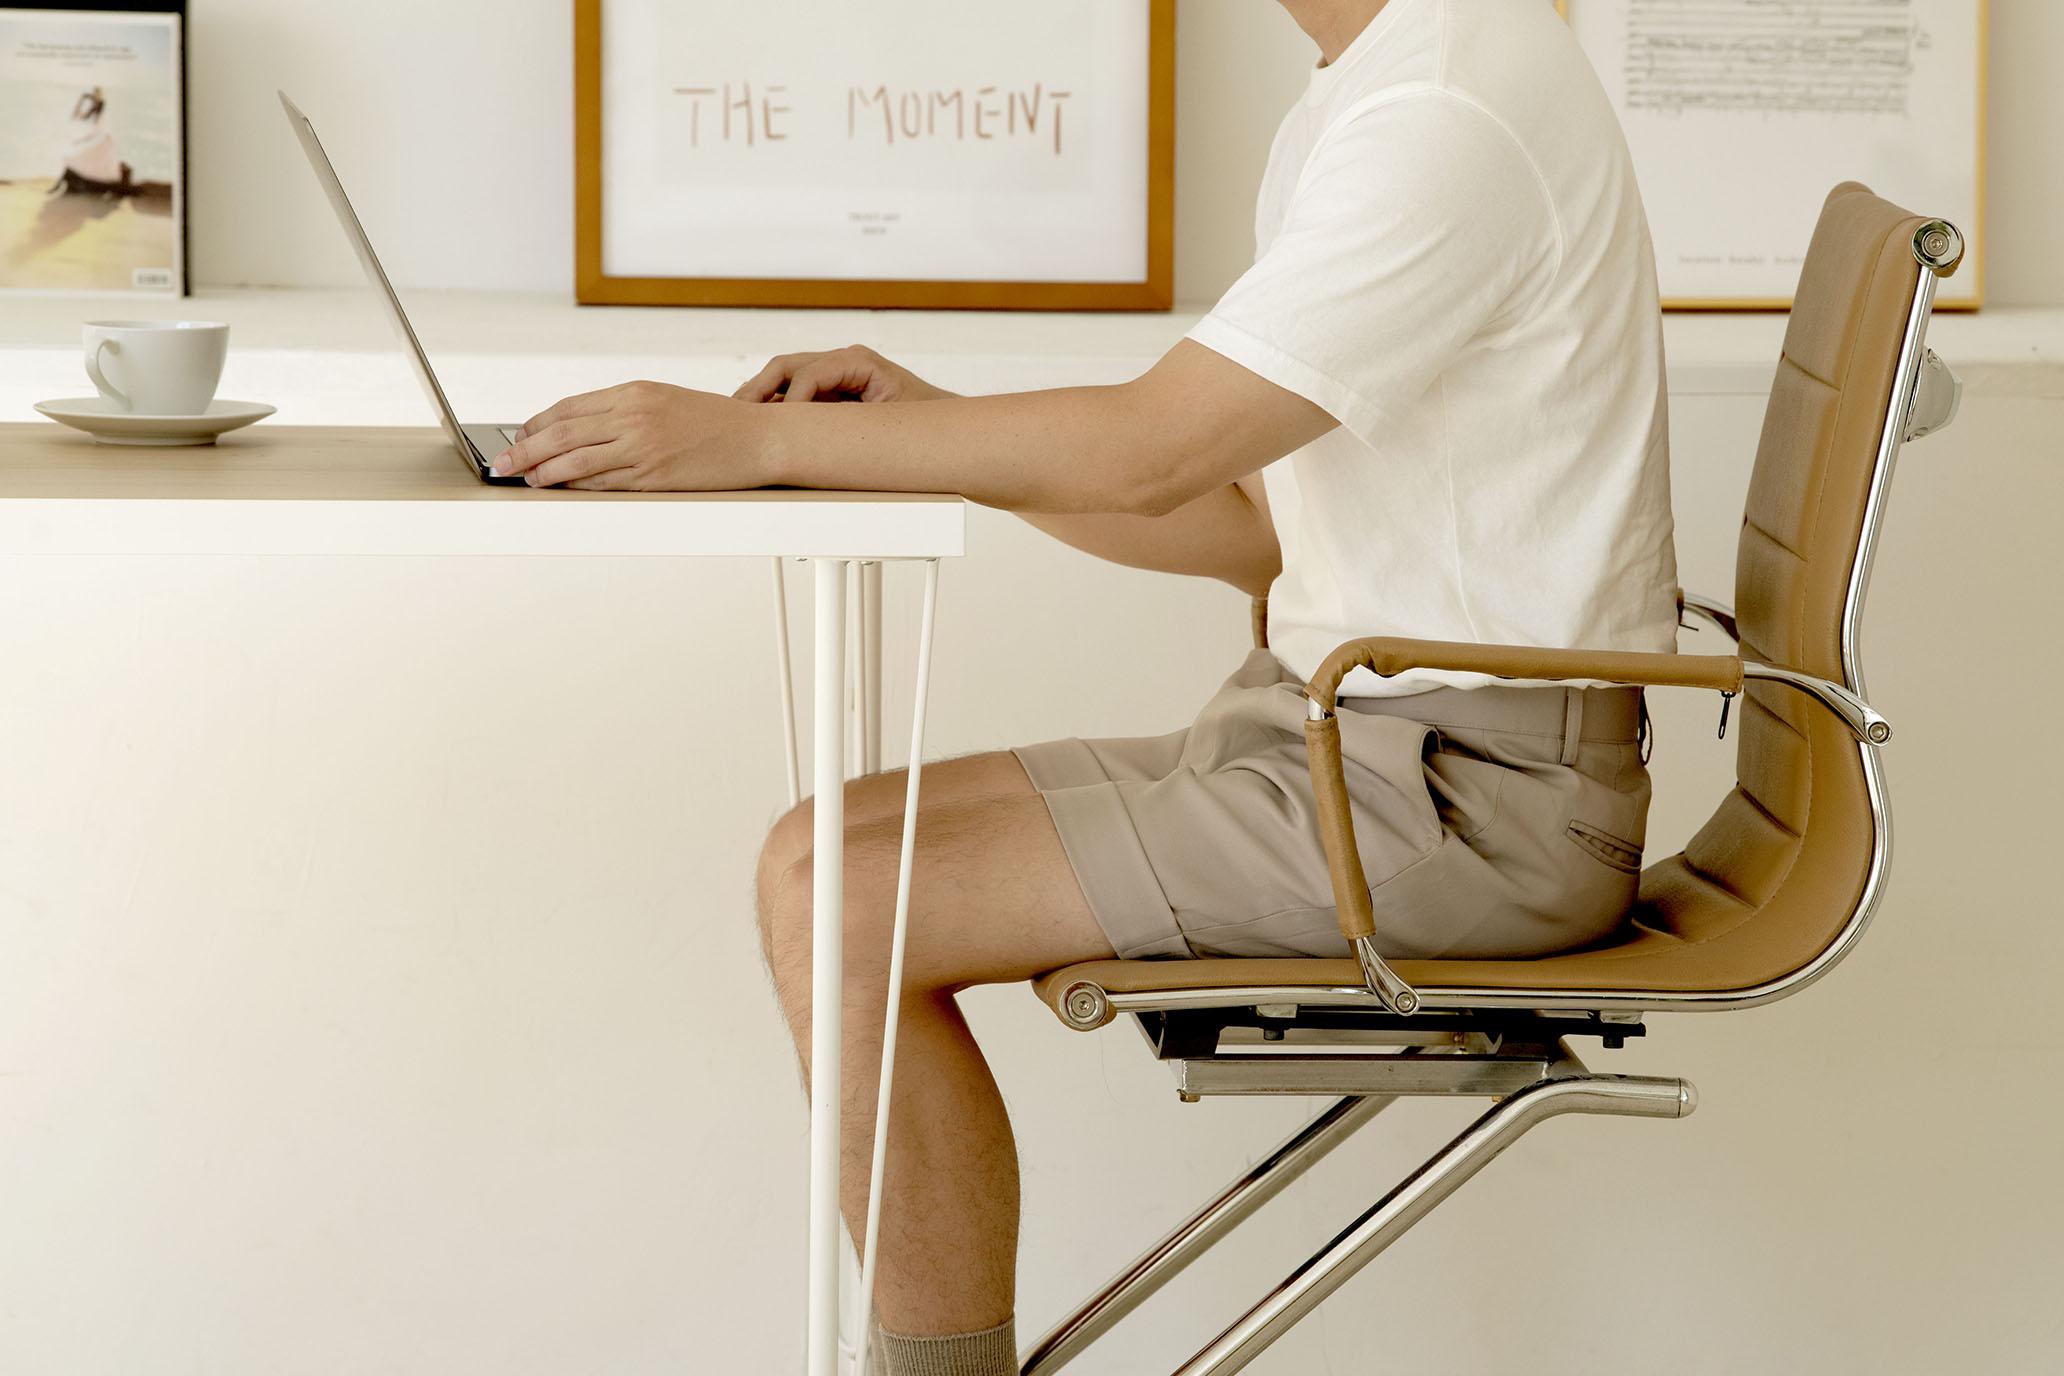 父親節送禮|對身體好一點,原來只需這樣輕鬆坐著|Style PREMIUM DX 奢華頂級調整椅